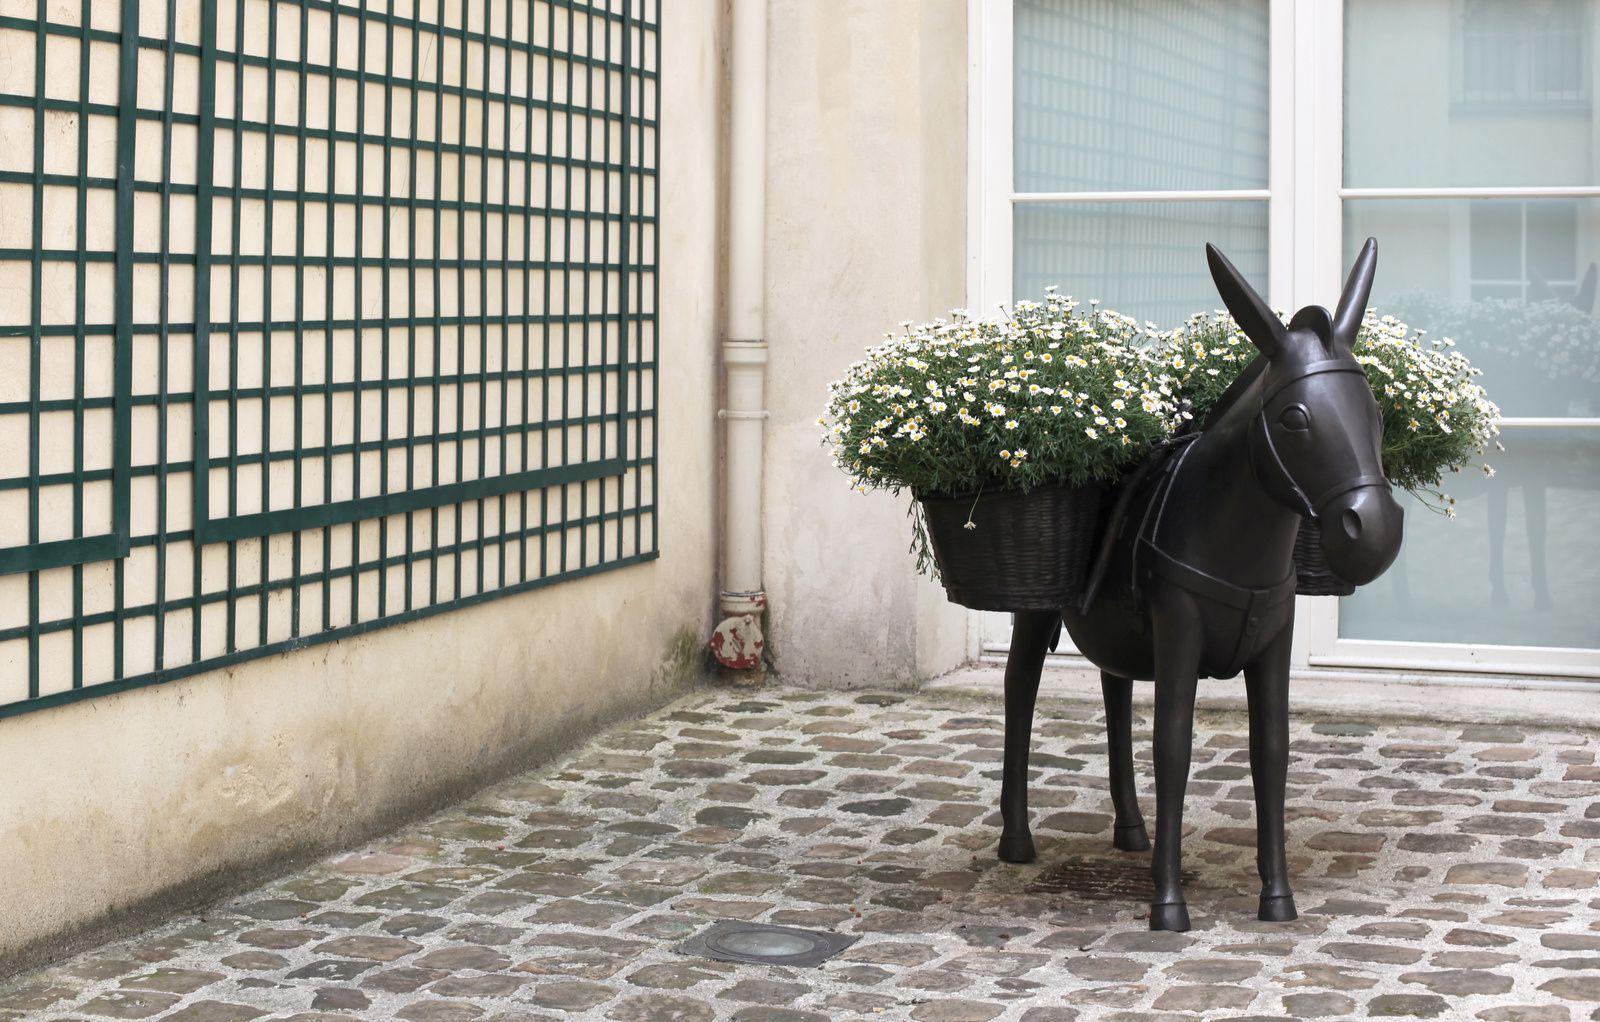 """""""Âne Planté"""", 1990 - 2002 de Françoic Xavier LALANNE - Courtesy Galerie Mitterrand © Photo Éric Simon"""